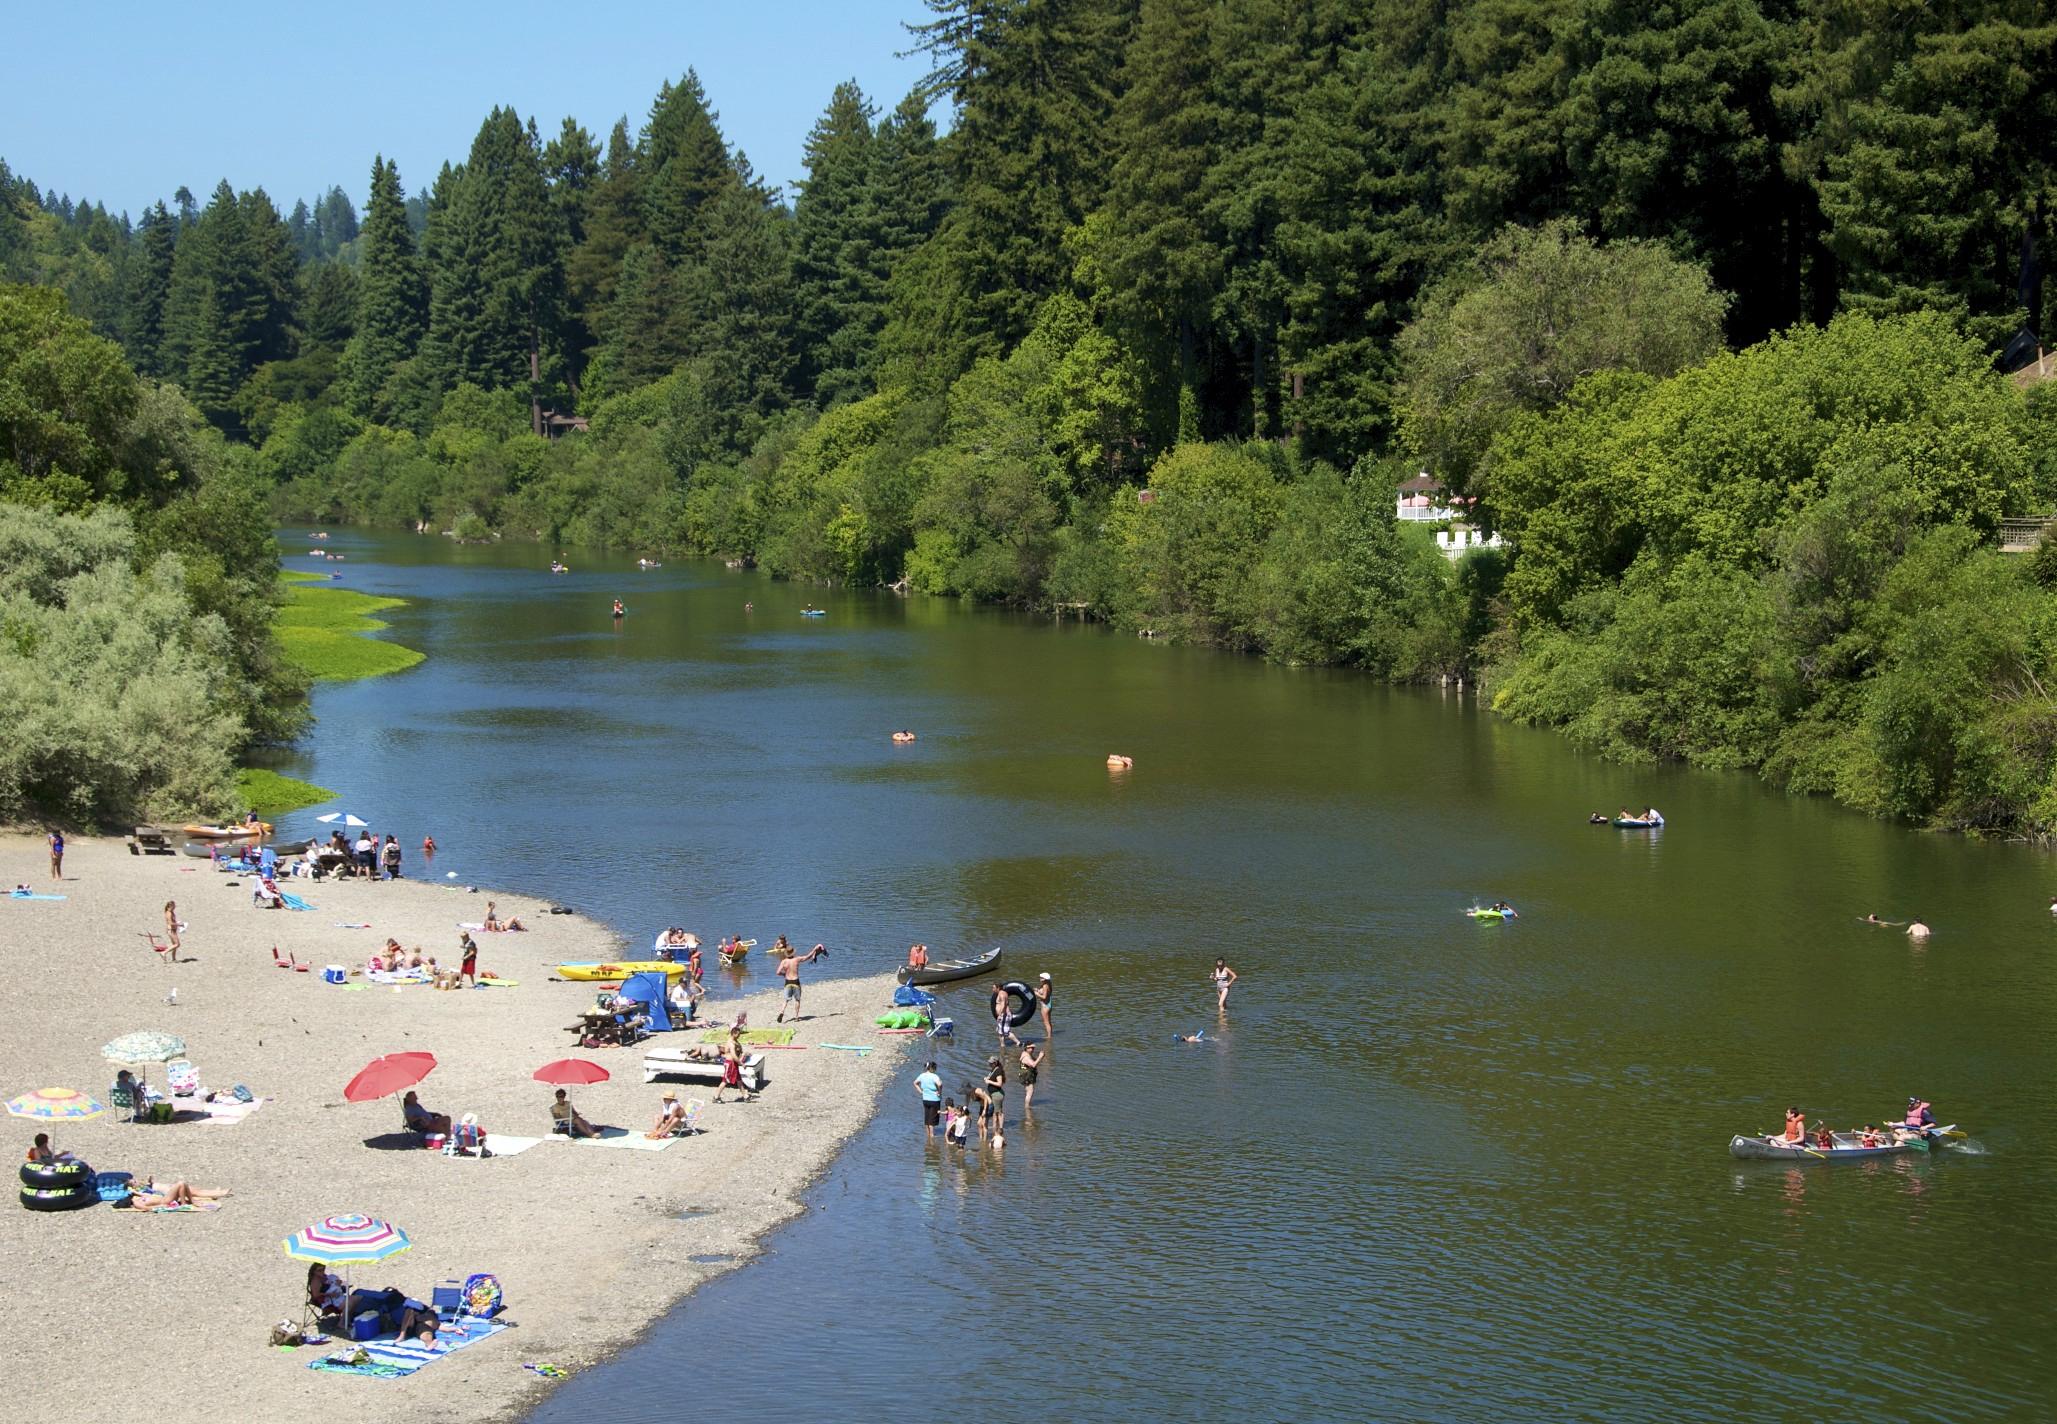 Monte Rio, Sonoma County, California